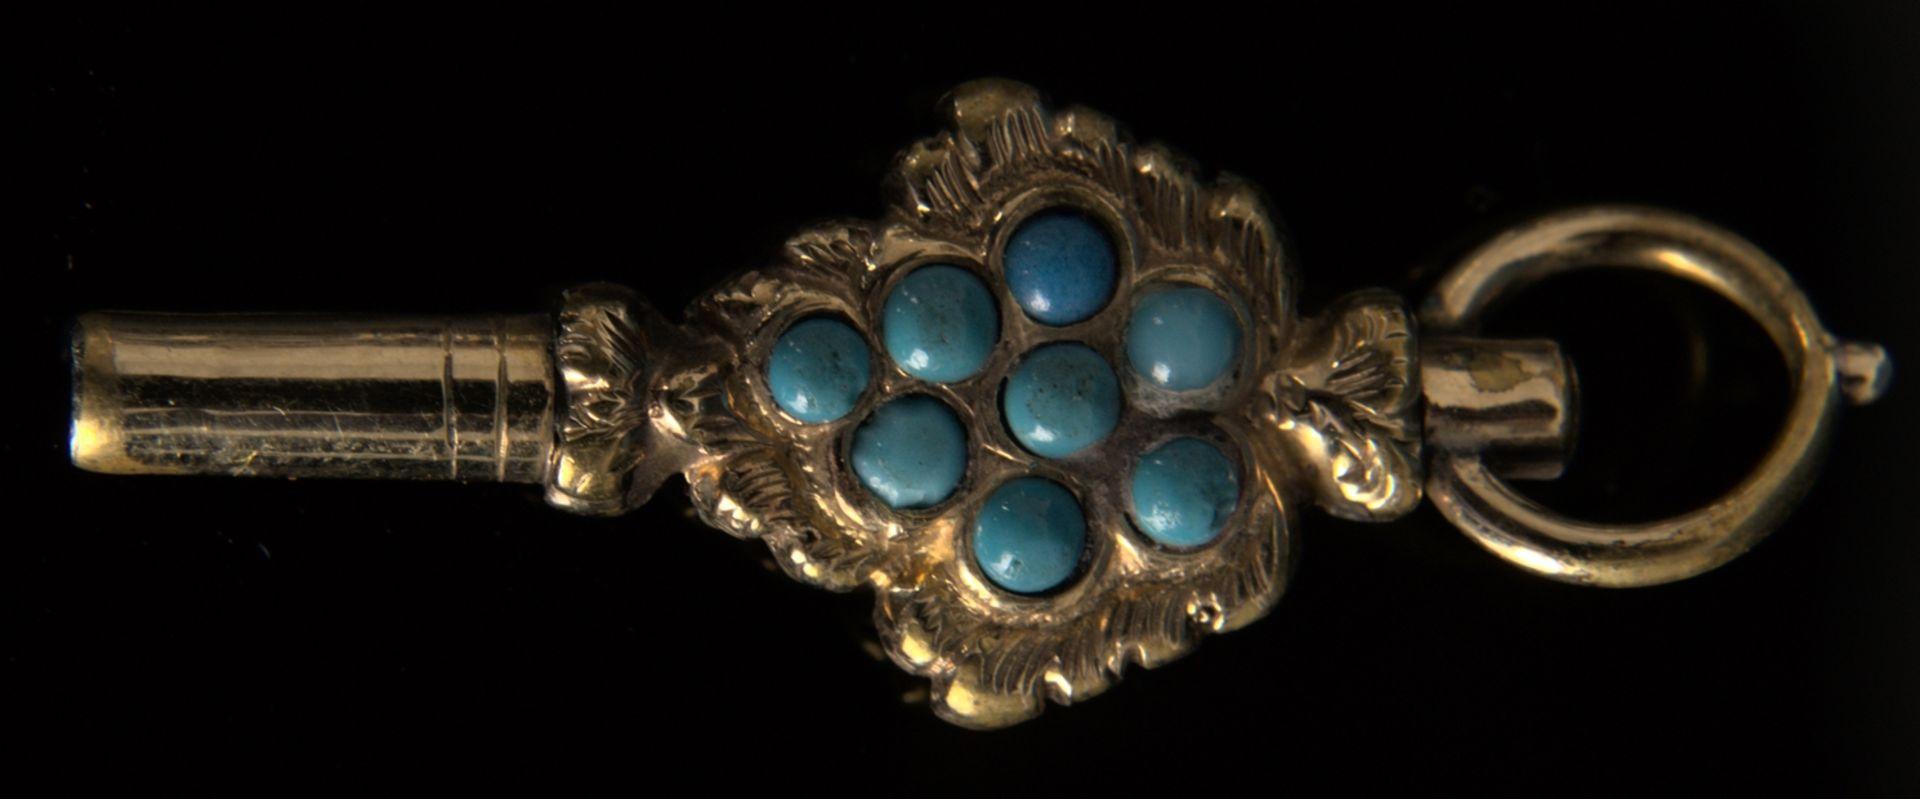 9teilige Sammlung versch. Taschenuhrenschlüssel, überwiegend 19. Jhd. Versch. Alter, Größen, - Bild 9 aus 18